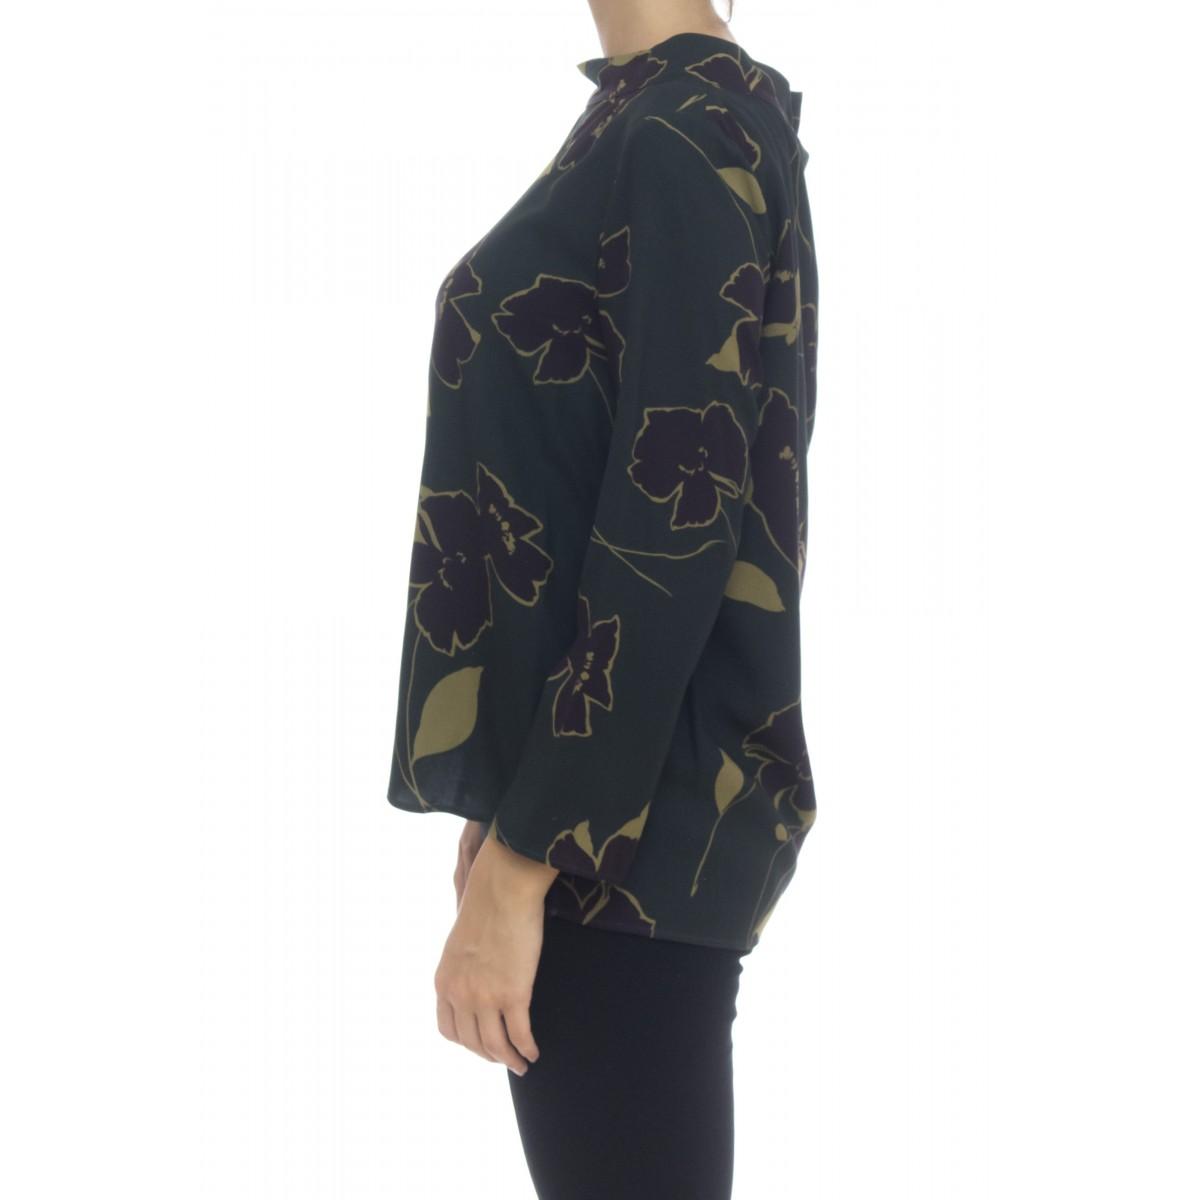 Camicia donna - 1303 55537 stampa viscosa